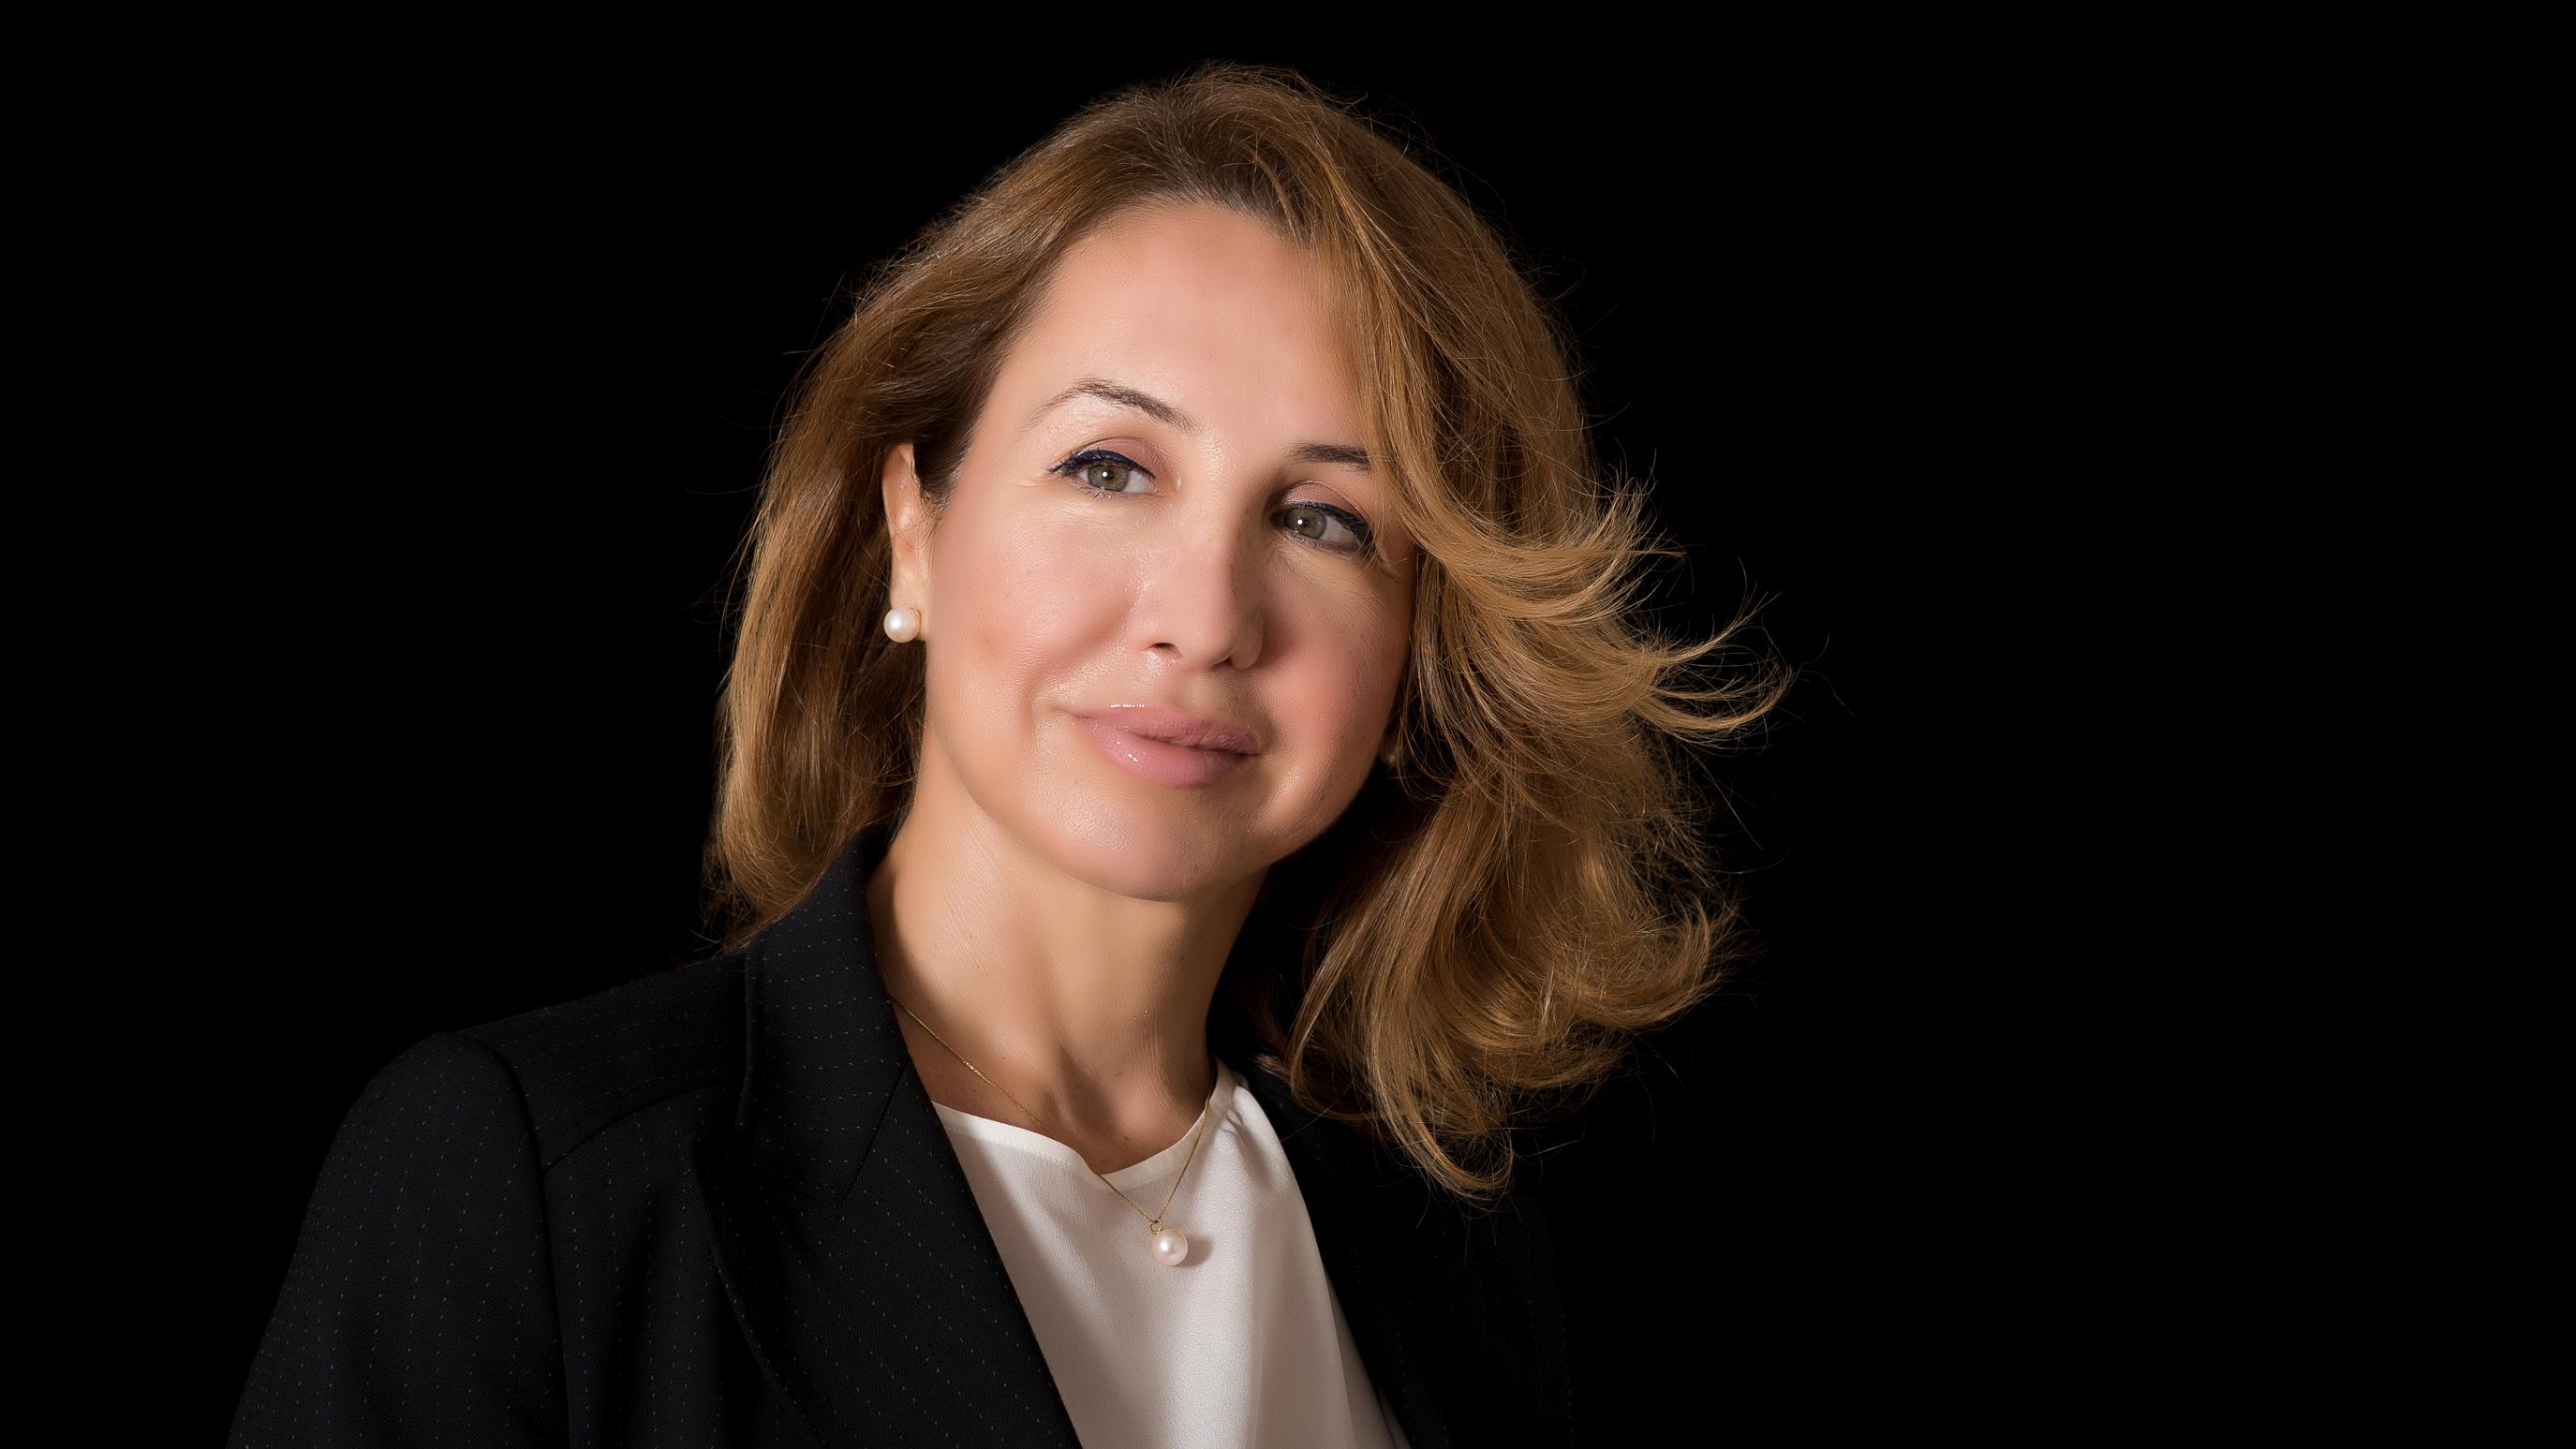 Maria Papalexi